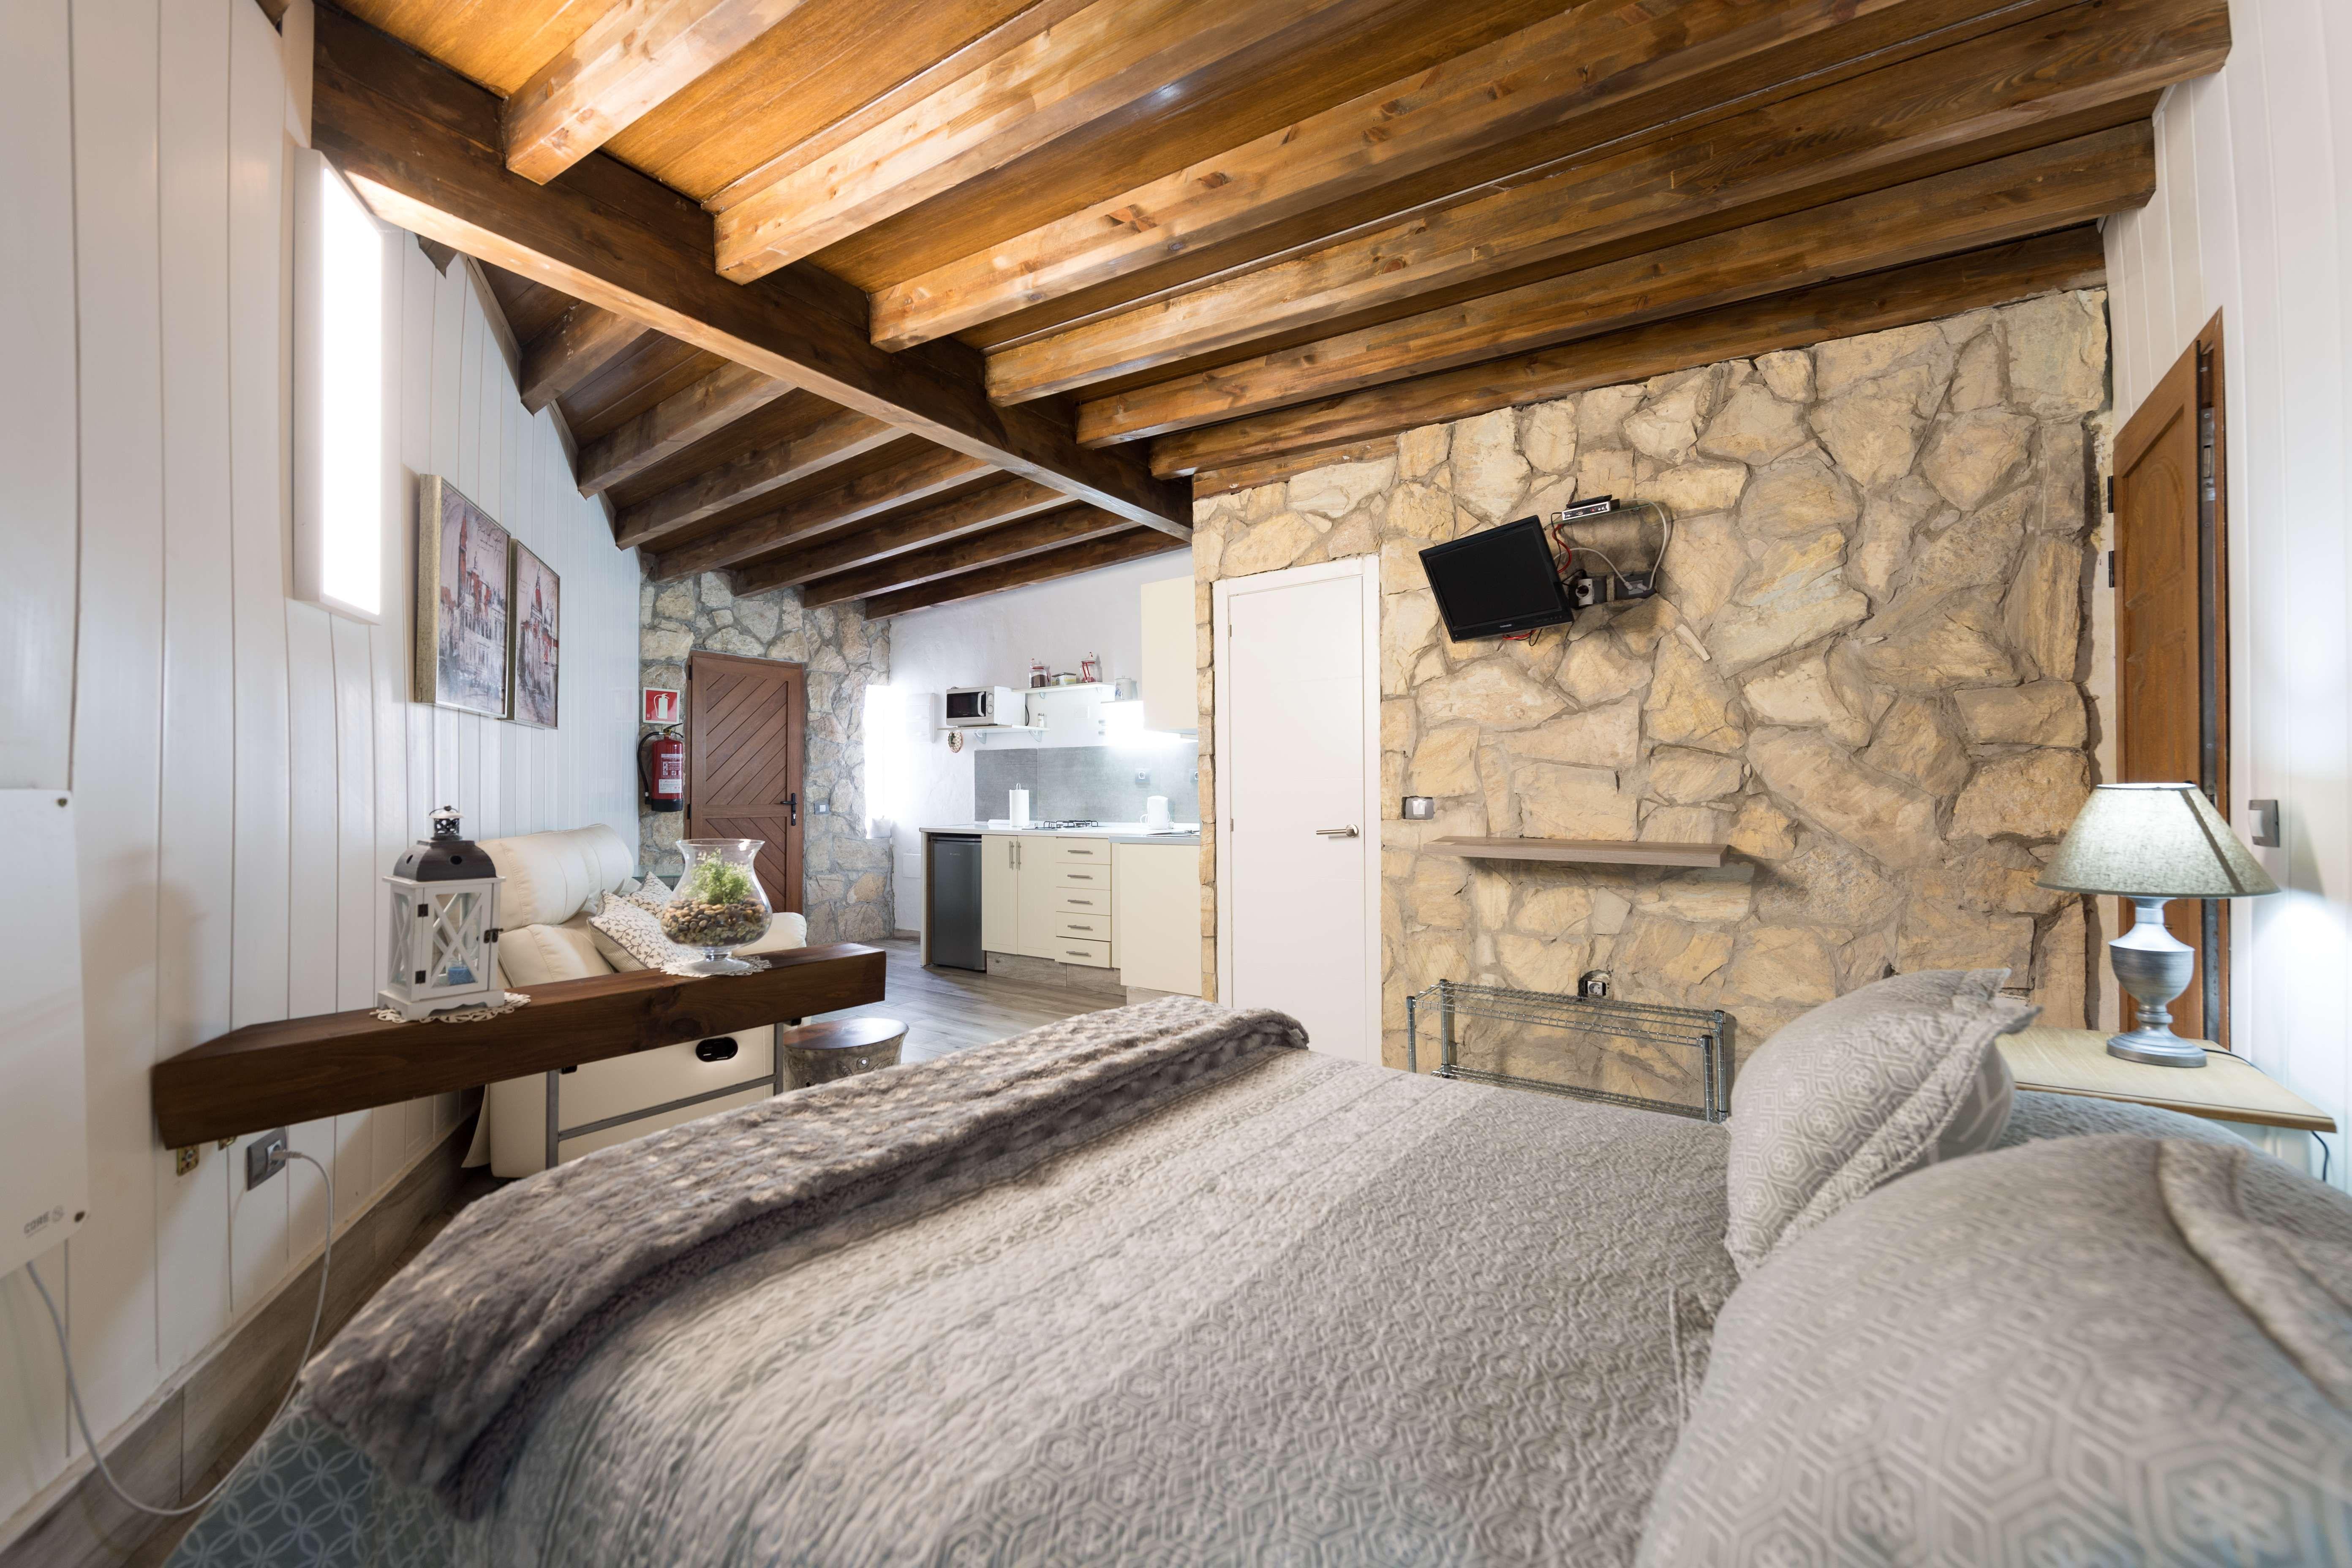 Casa Elisa Canarias situada en el centro del pueblo de Fataga